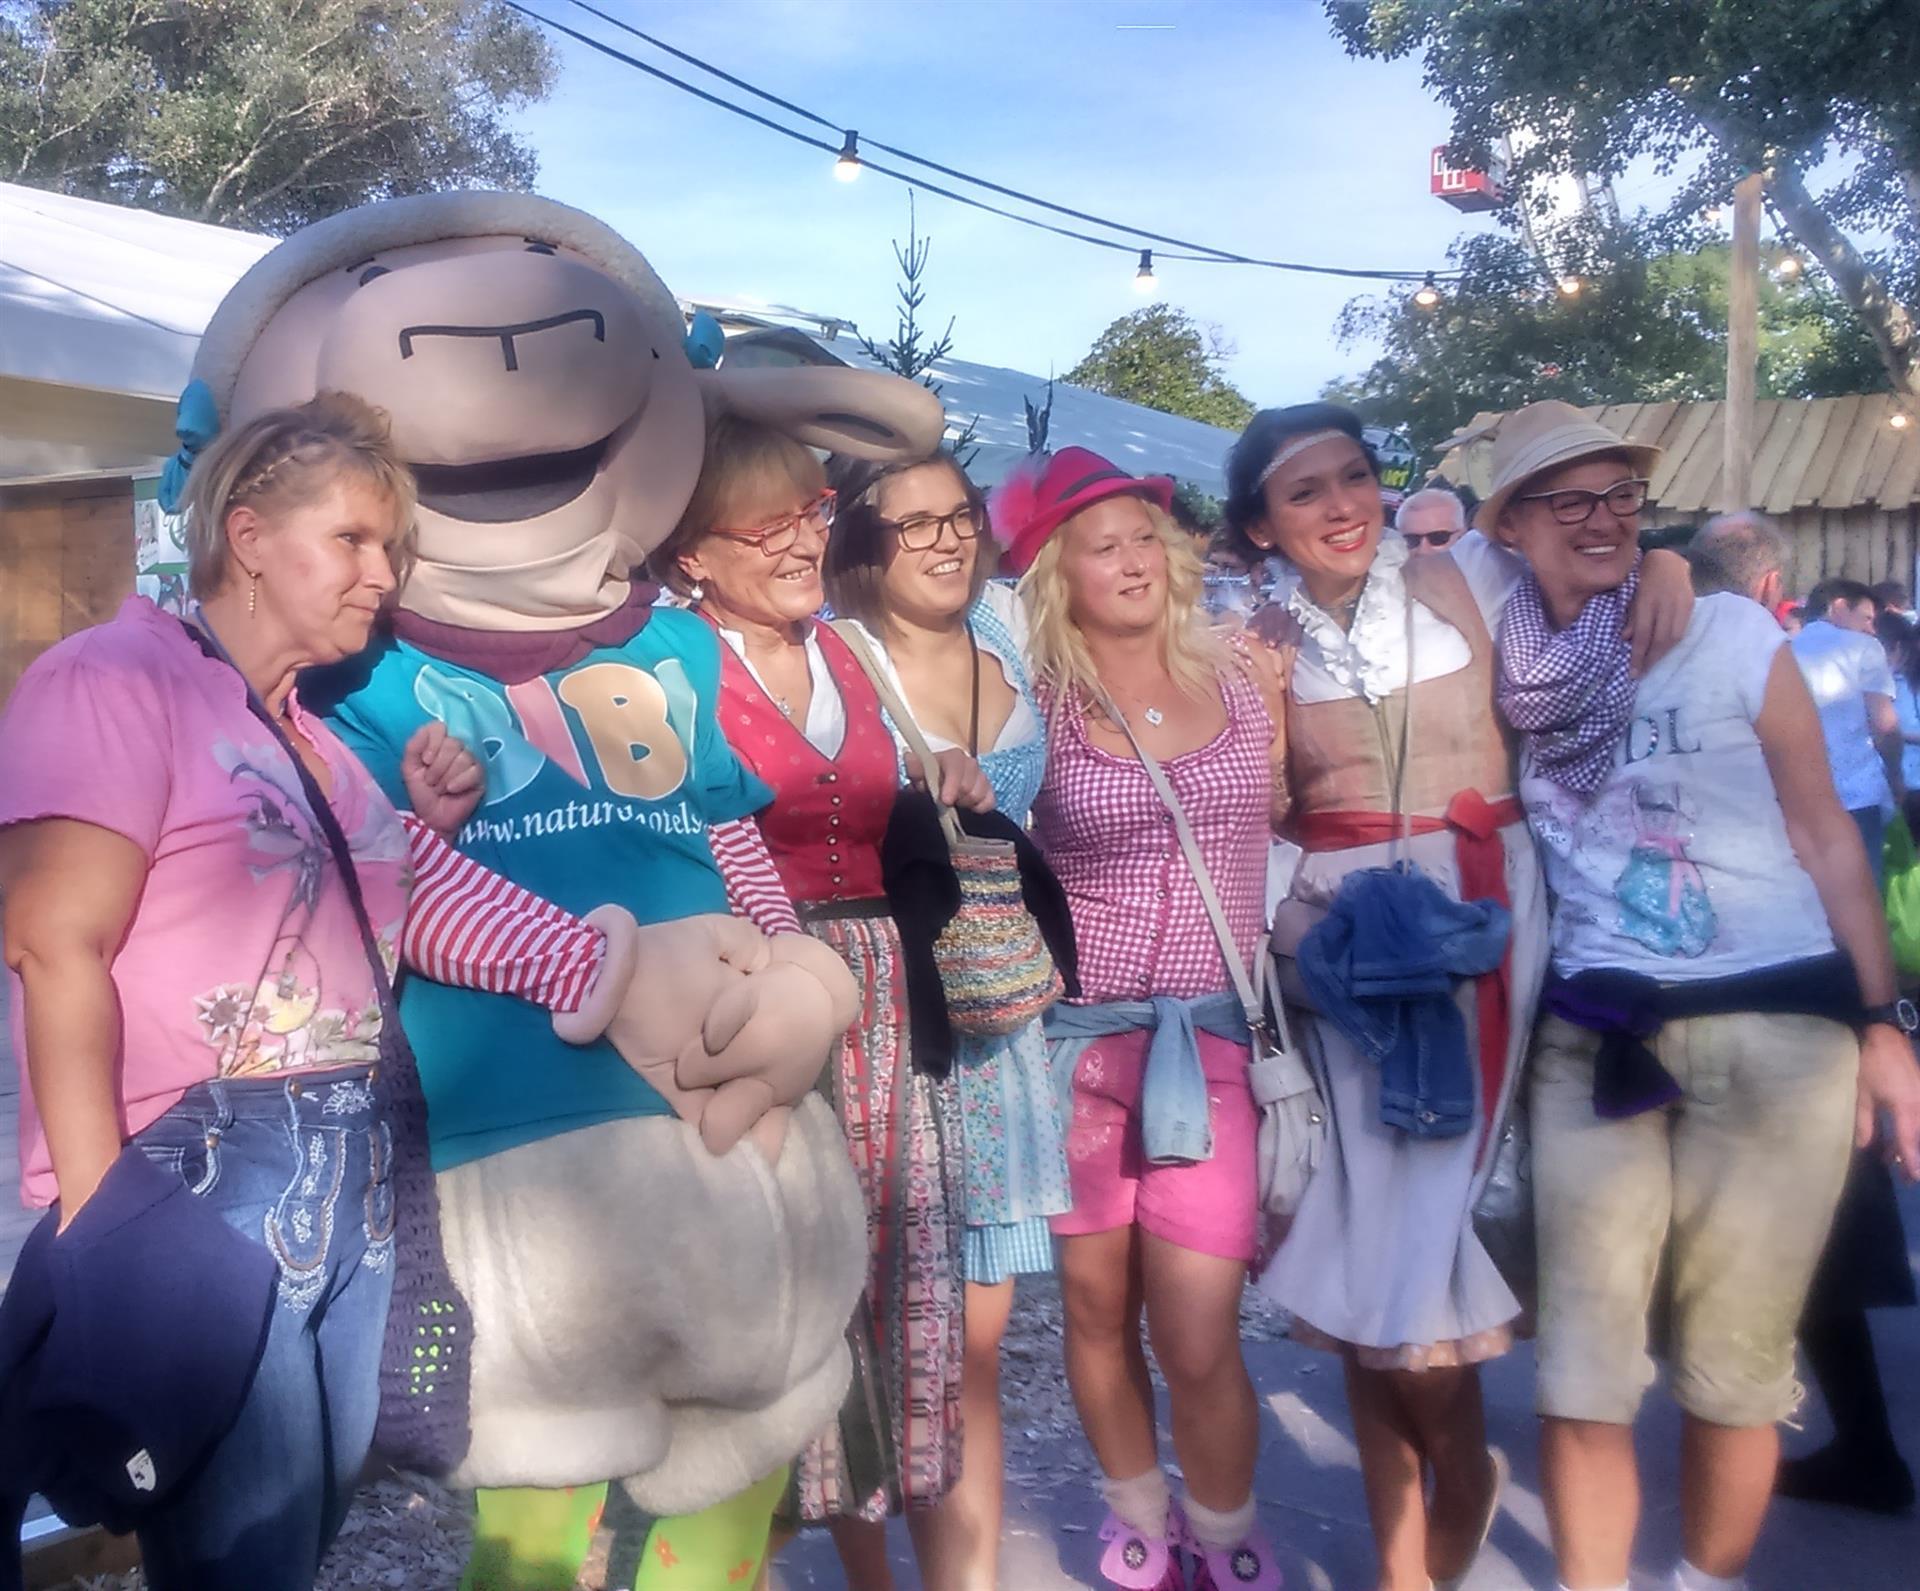 Auf der Kinder Wiesn am Wiener Wiesn Fest